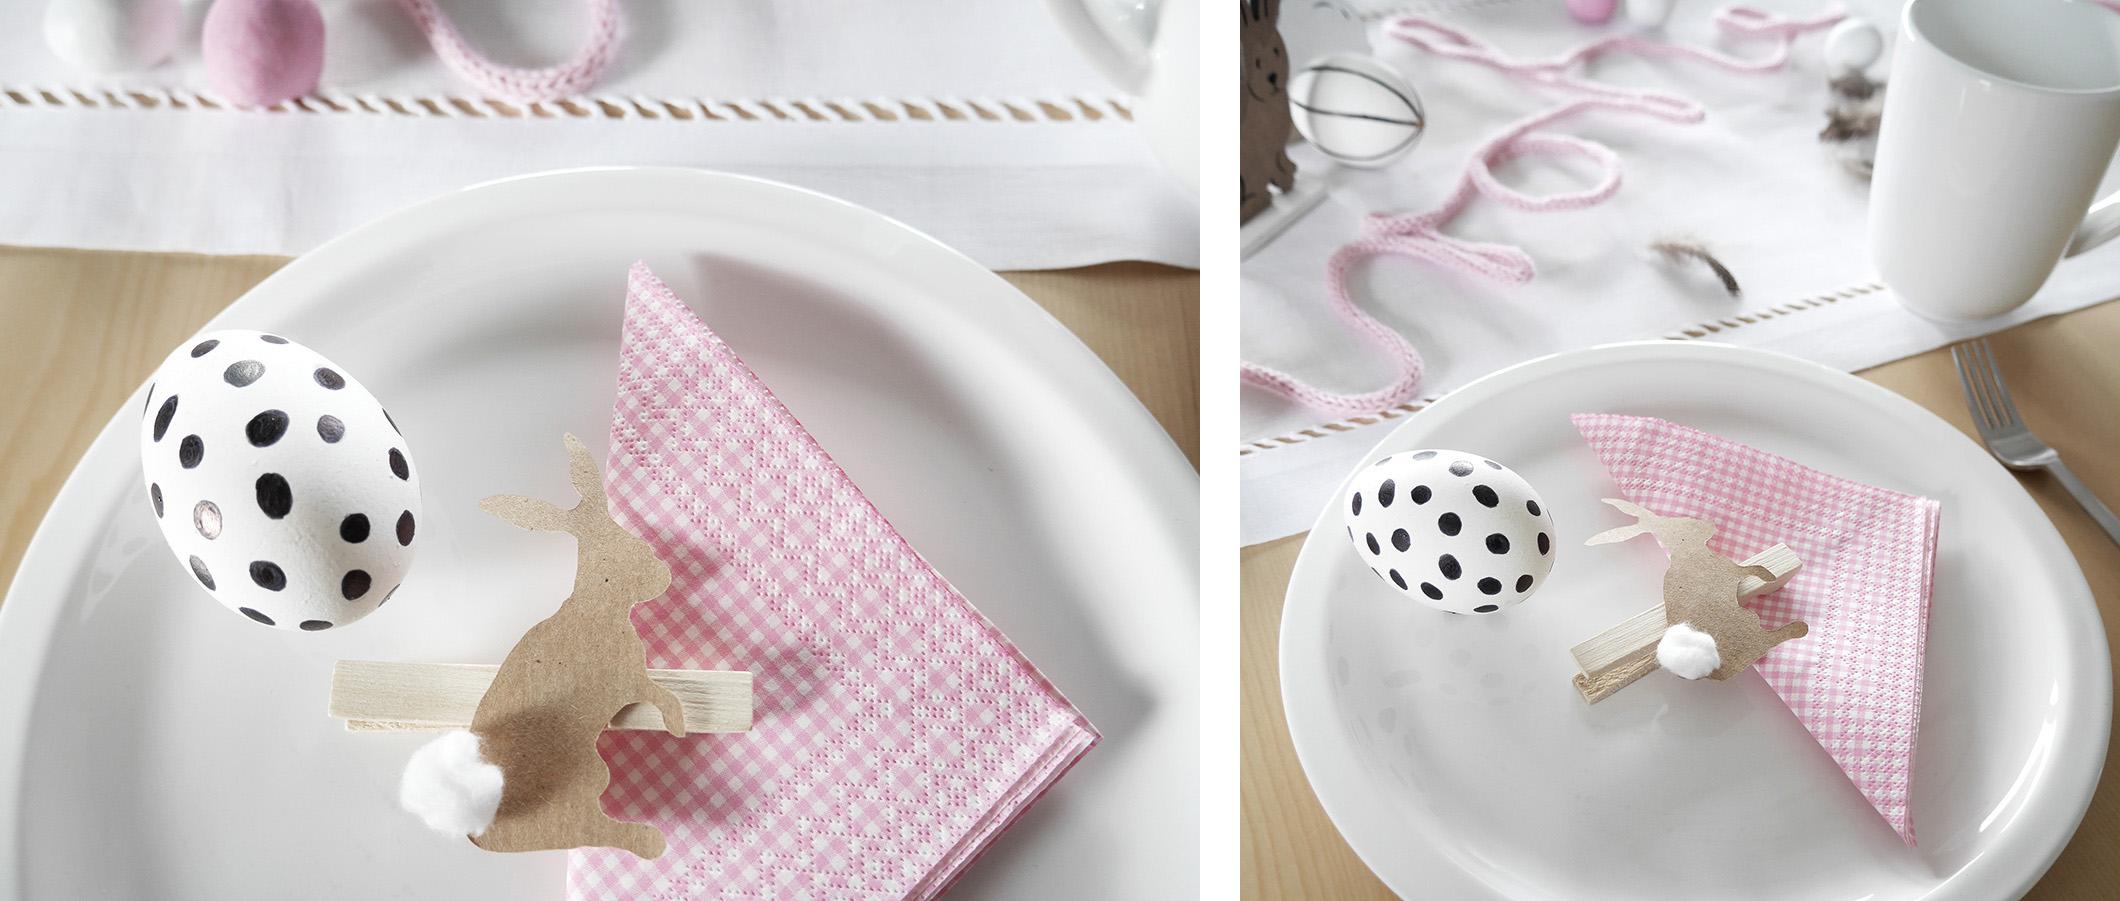 Tischdekoration zu Ostern_2